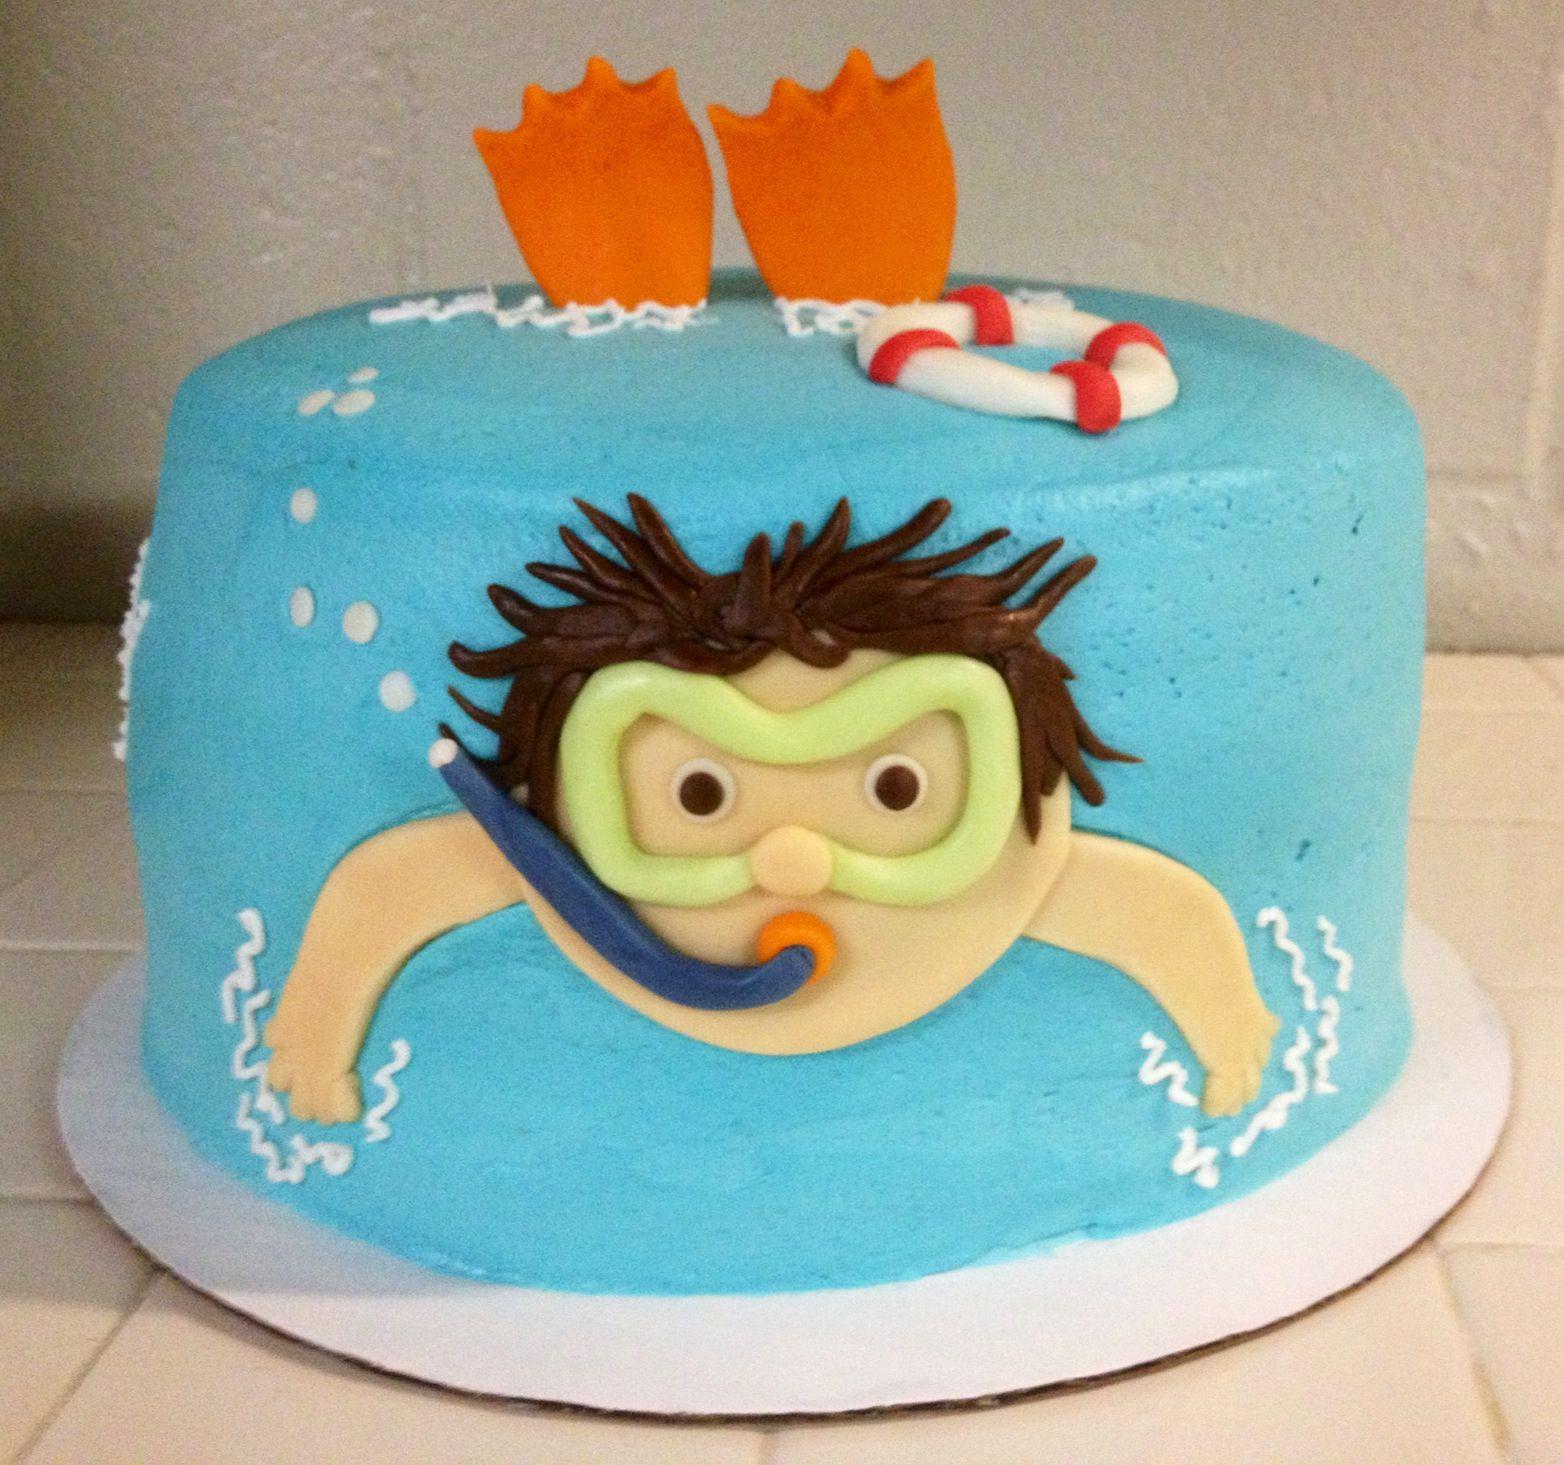 Pool Party Birthday Cakes Ideas  Pool party birthday cake Cake ideas